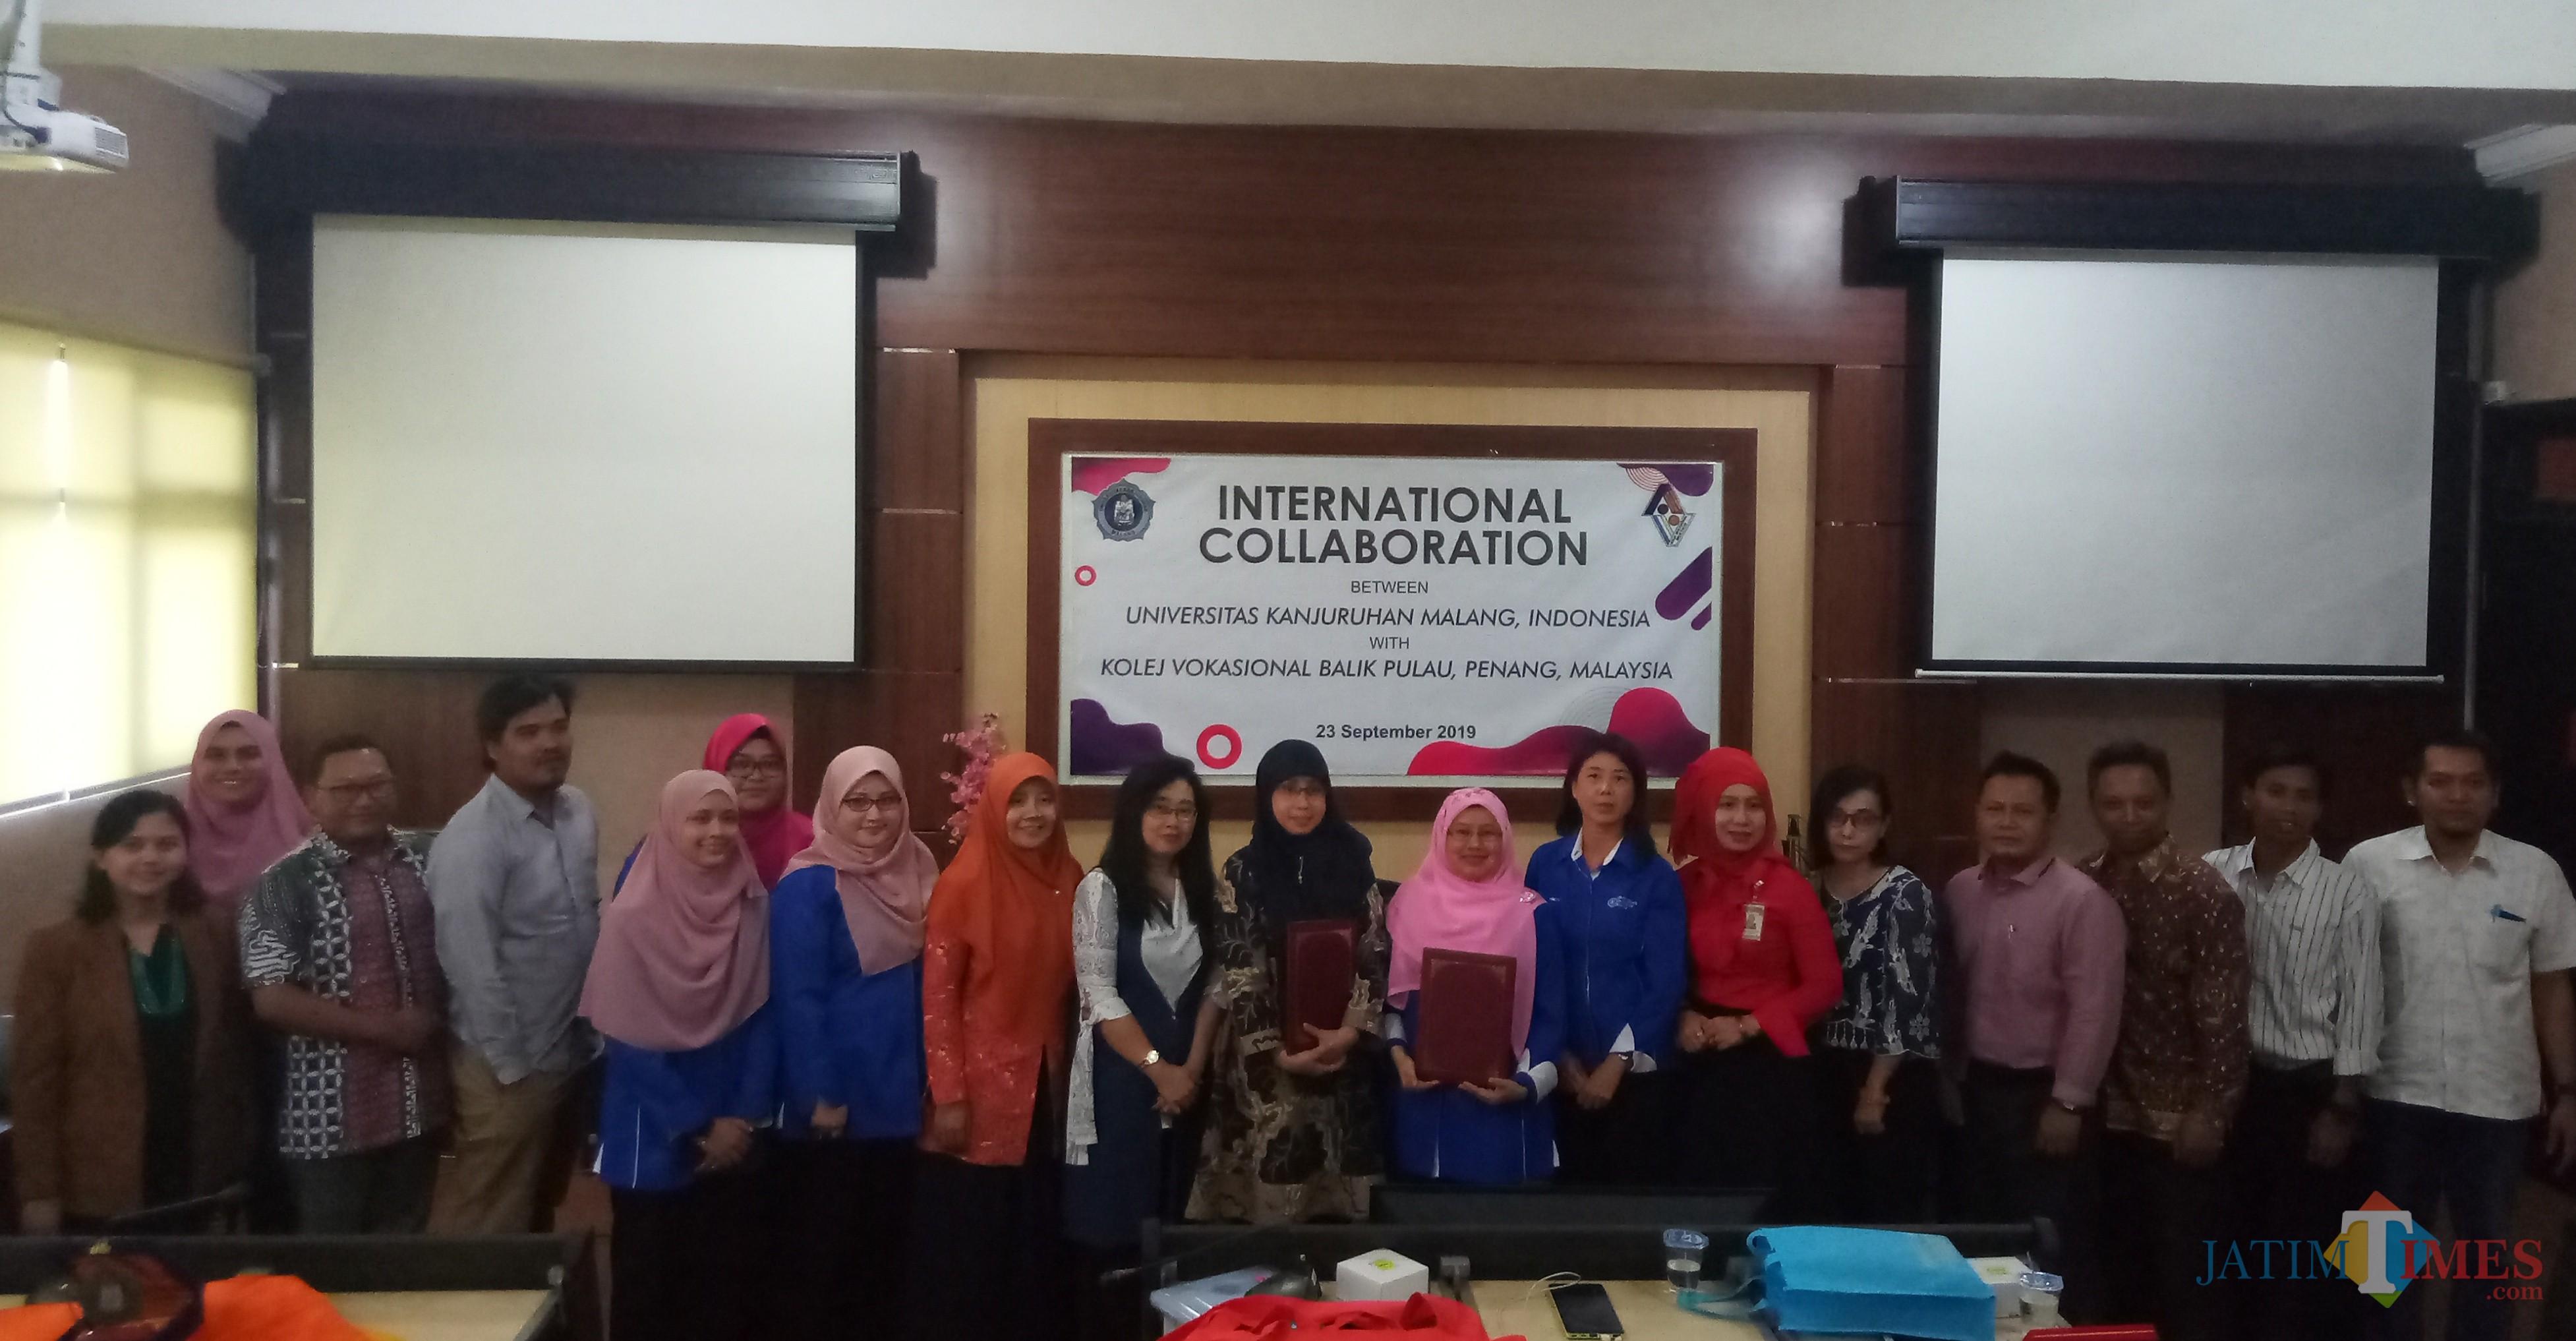 Civitas akademika Unikama berfoto bersama dengan delegasi dari KVBP setelah mengggelar kegiatan International Collaboration. (Anggara Sudiongko/MalangTIMES)